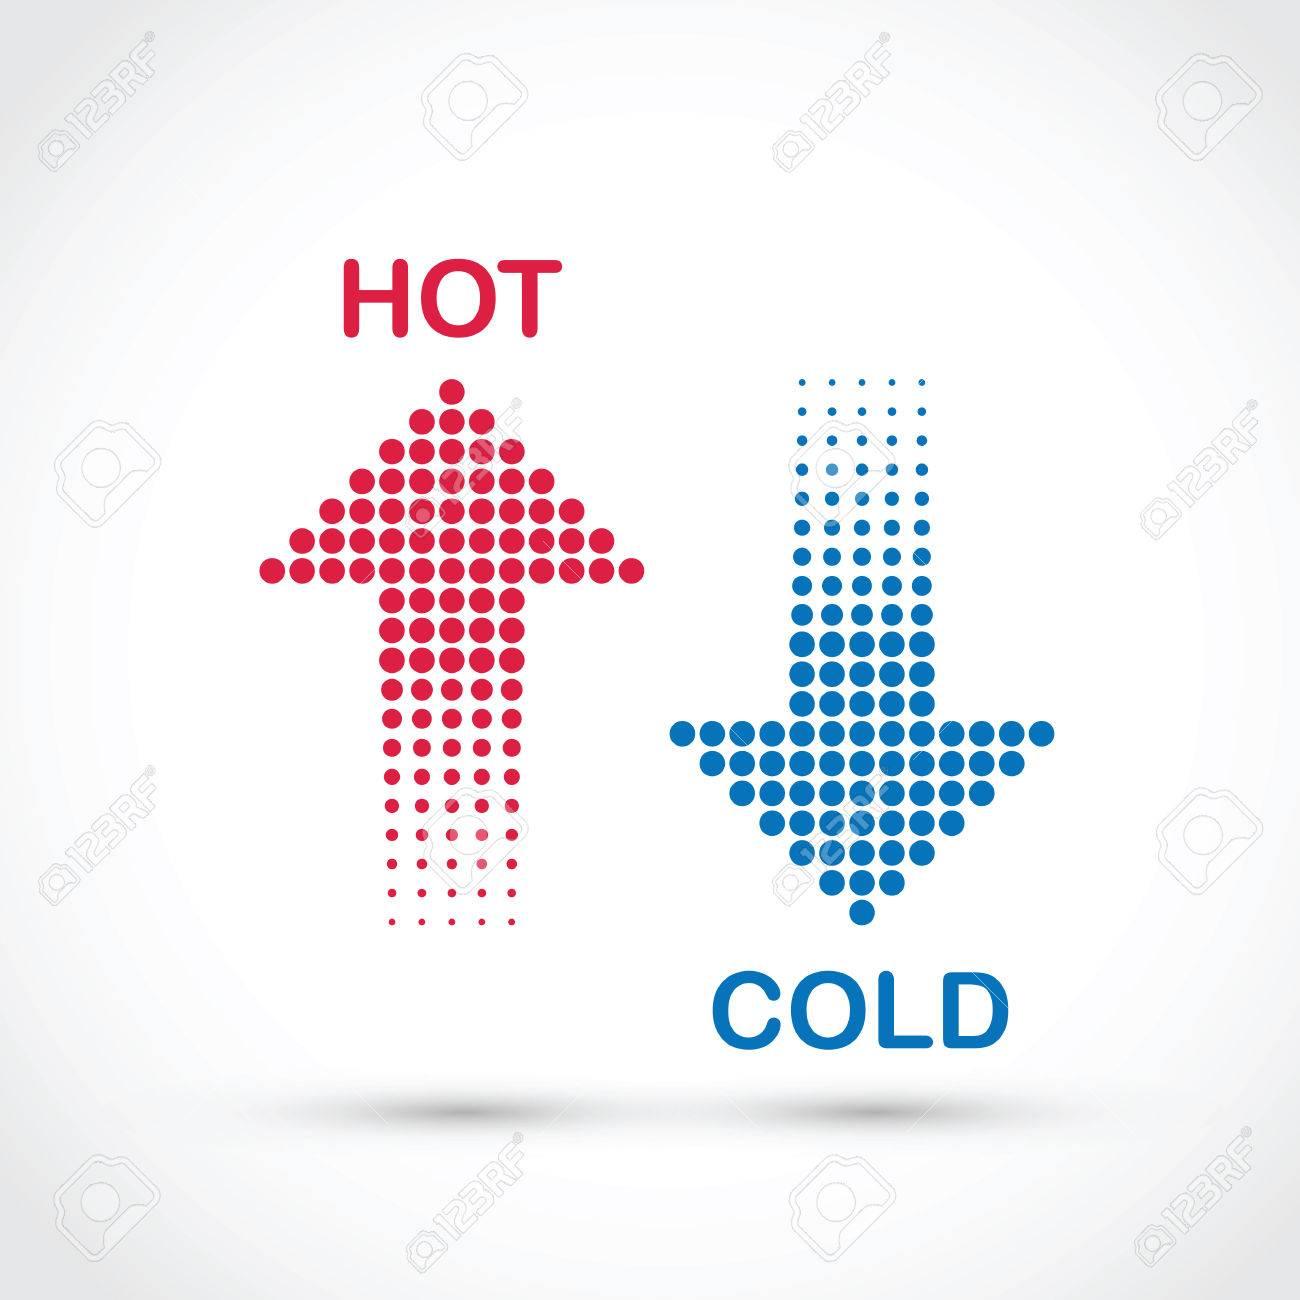 le chaud et le froid Banque d'images - 49813635